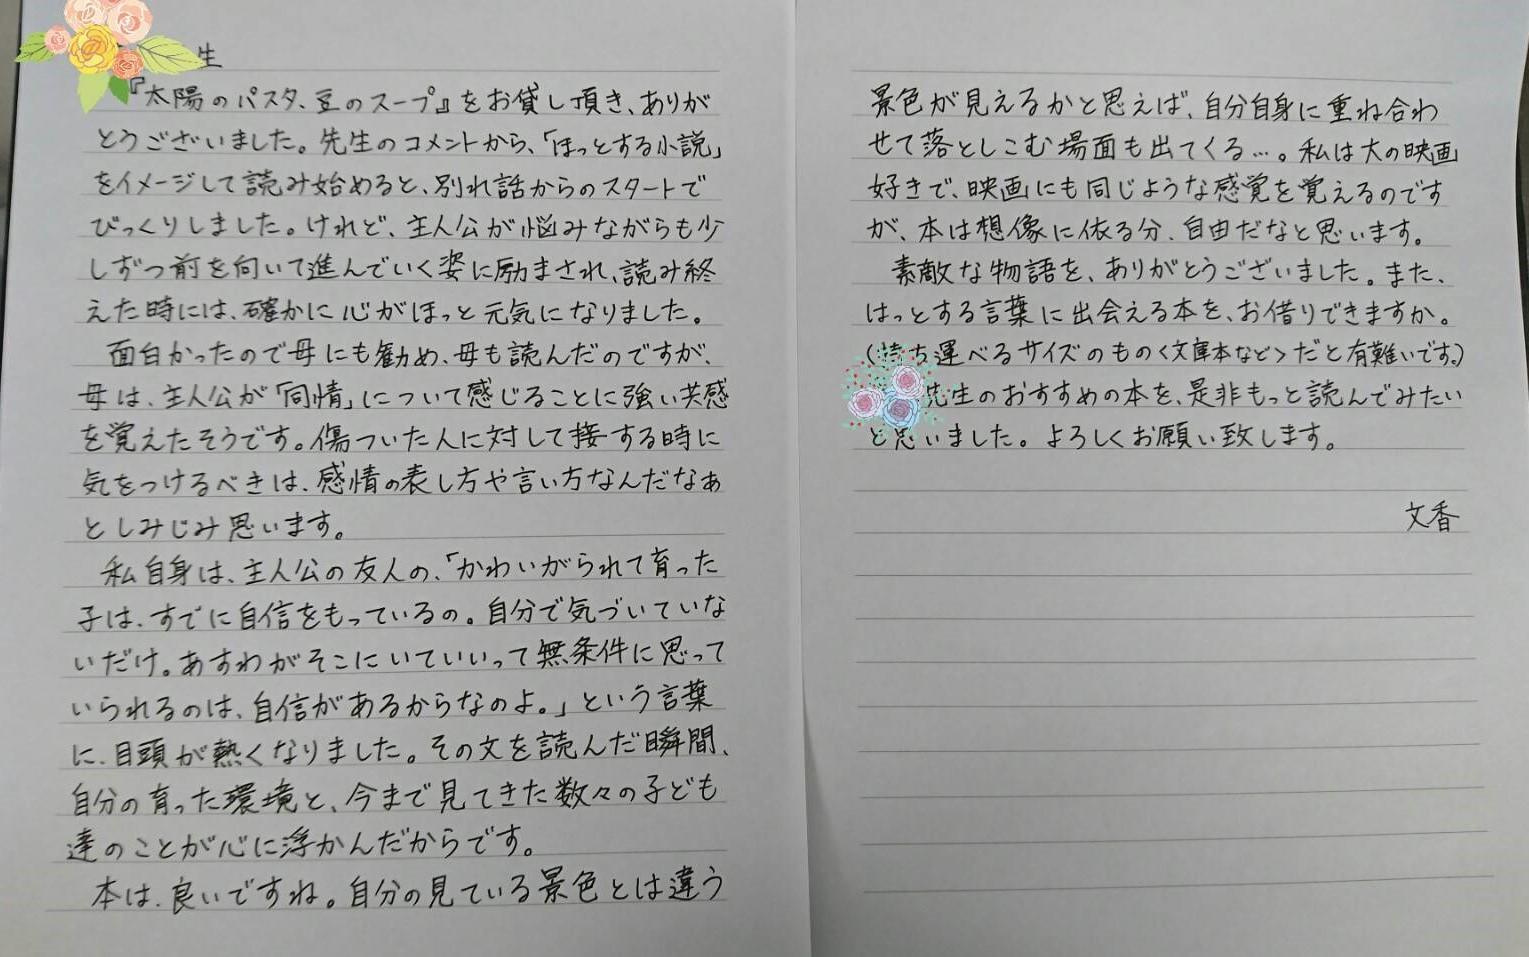 司書の先生へのお手紙